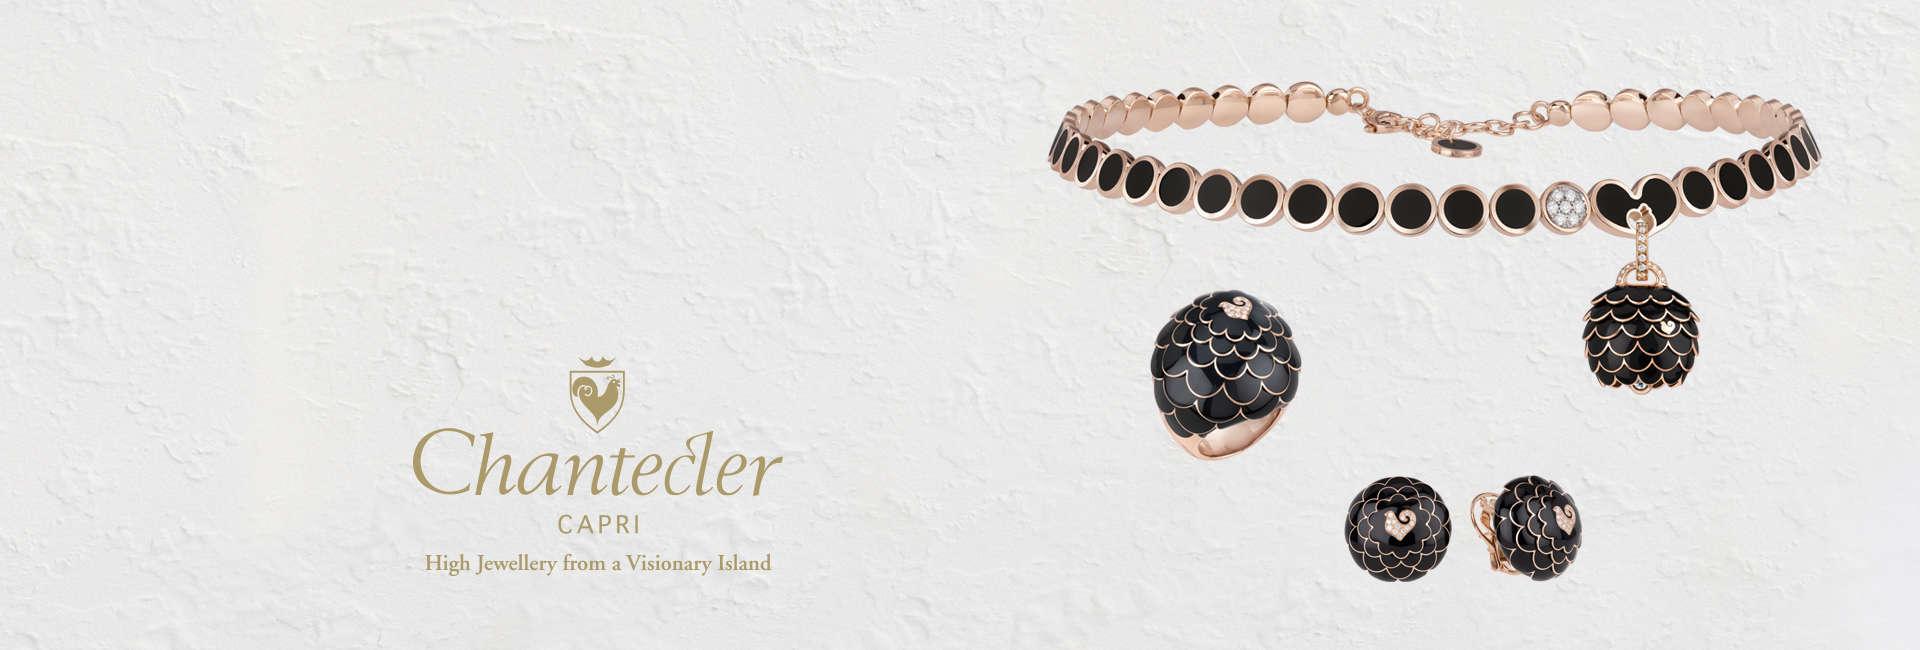 Die charismatische Paillettes Kollektion von Chantecler